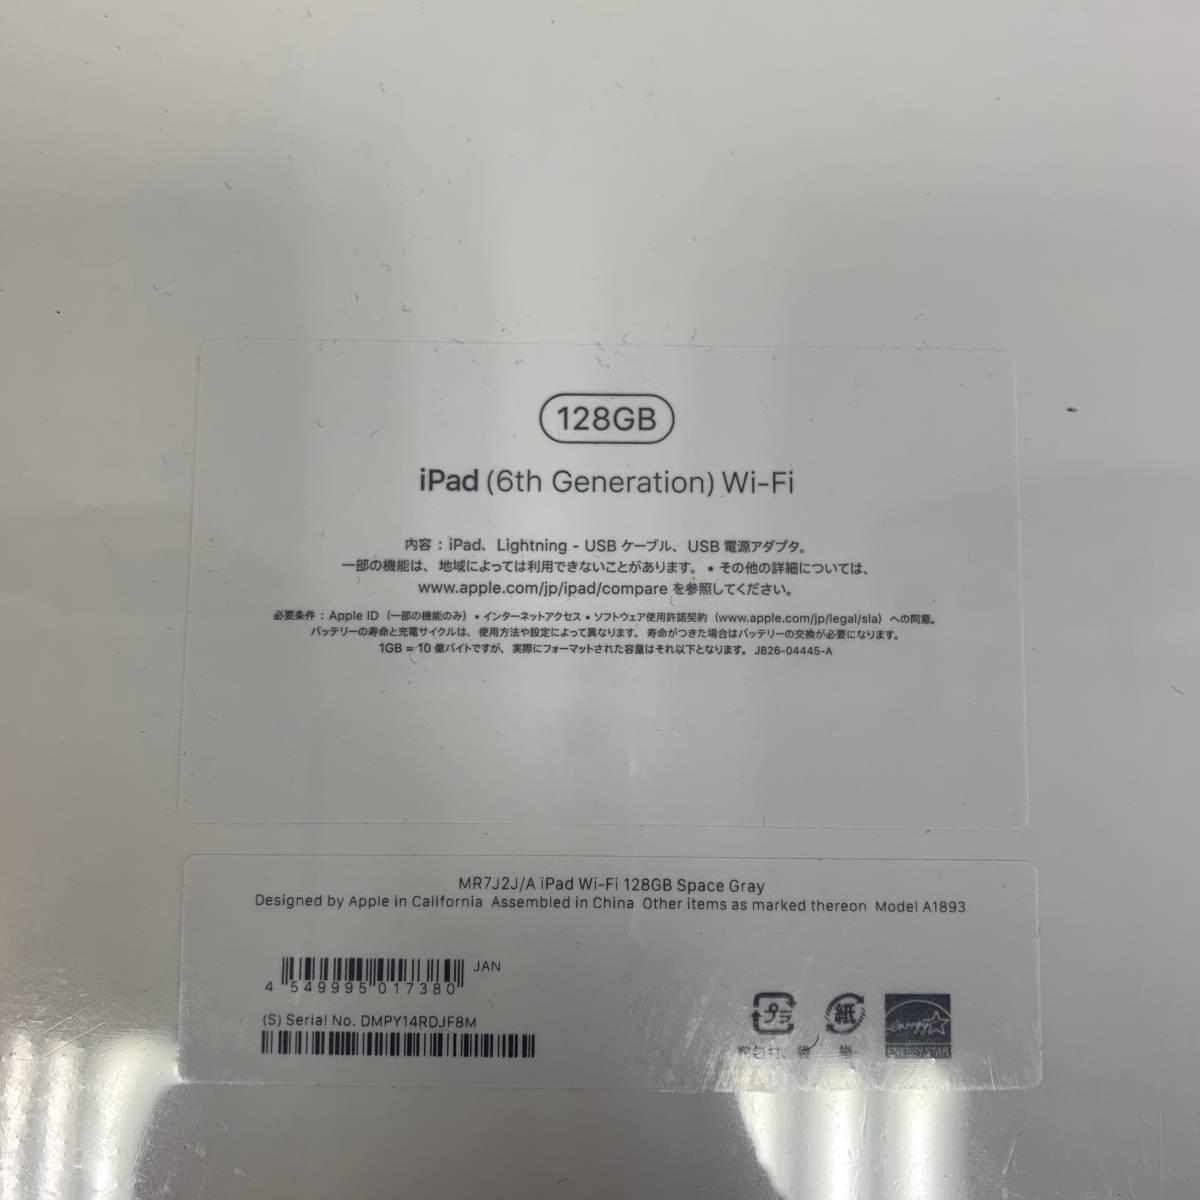 【新品未開封】iPad 6 128GB Space Gray Wi-Fiモデル【国内Apple正規店購入品】 本体+付属品!_画像3